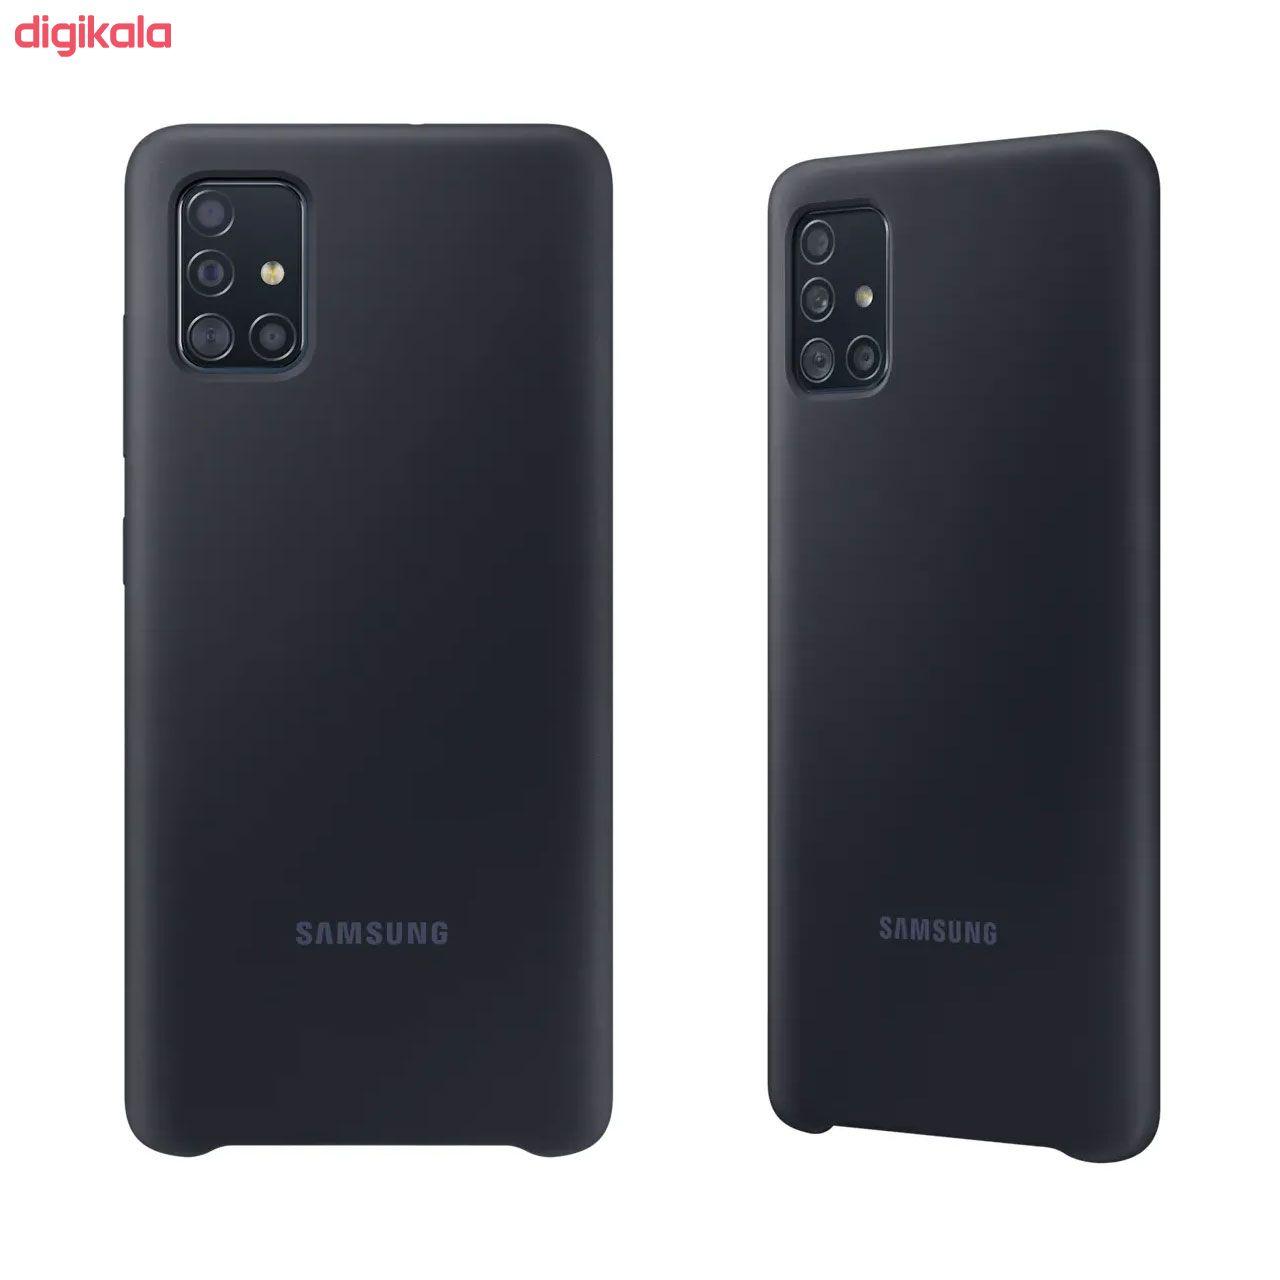 کاور مدل SLCN مناسب برای گوشی موبایل سامسونگ Galaxy A71 main 1 6